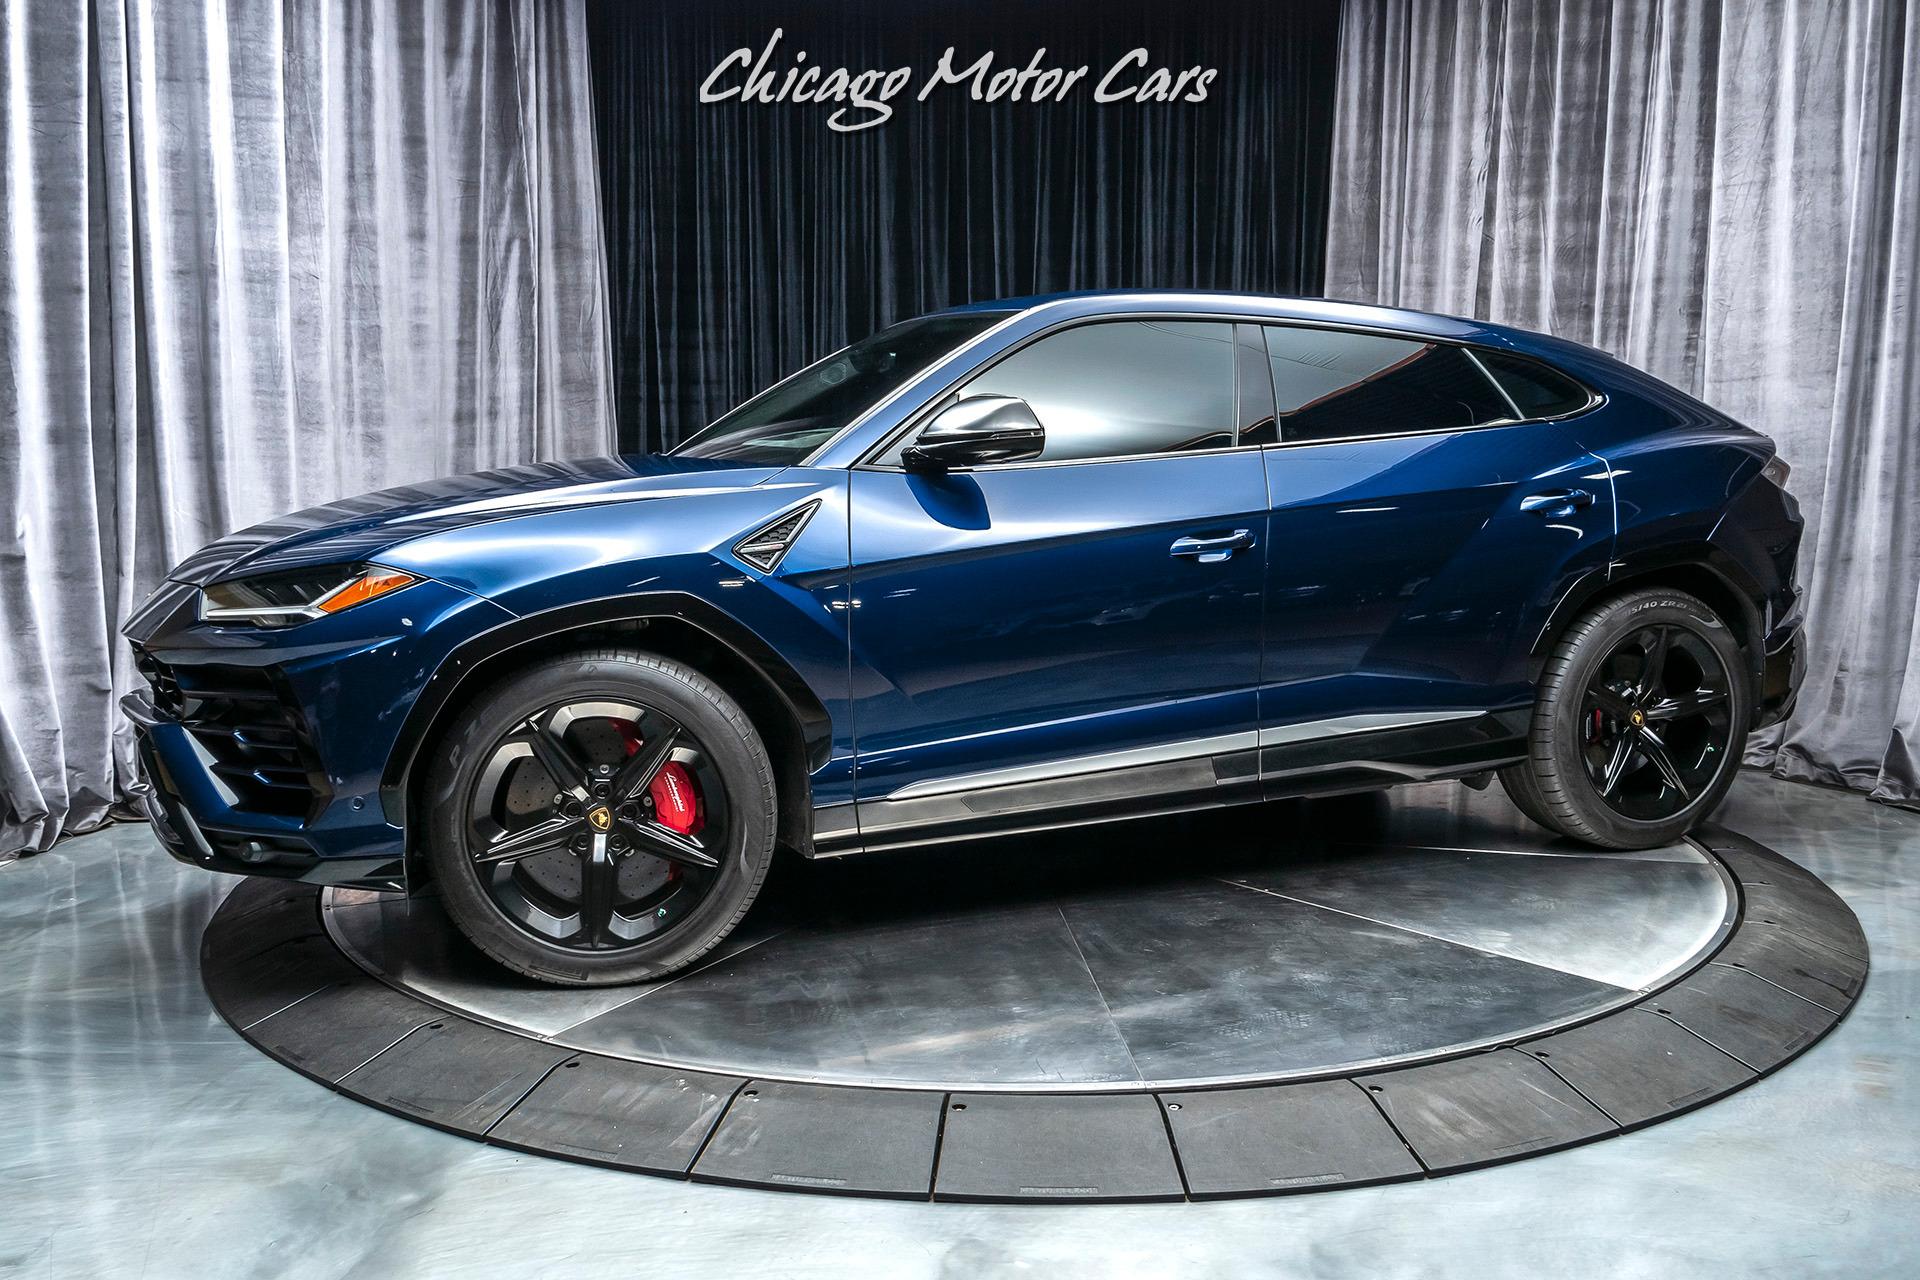 2019 Lamborghini Urus SUV MSRP $241K+ REAR SEAT